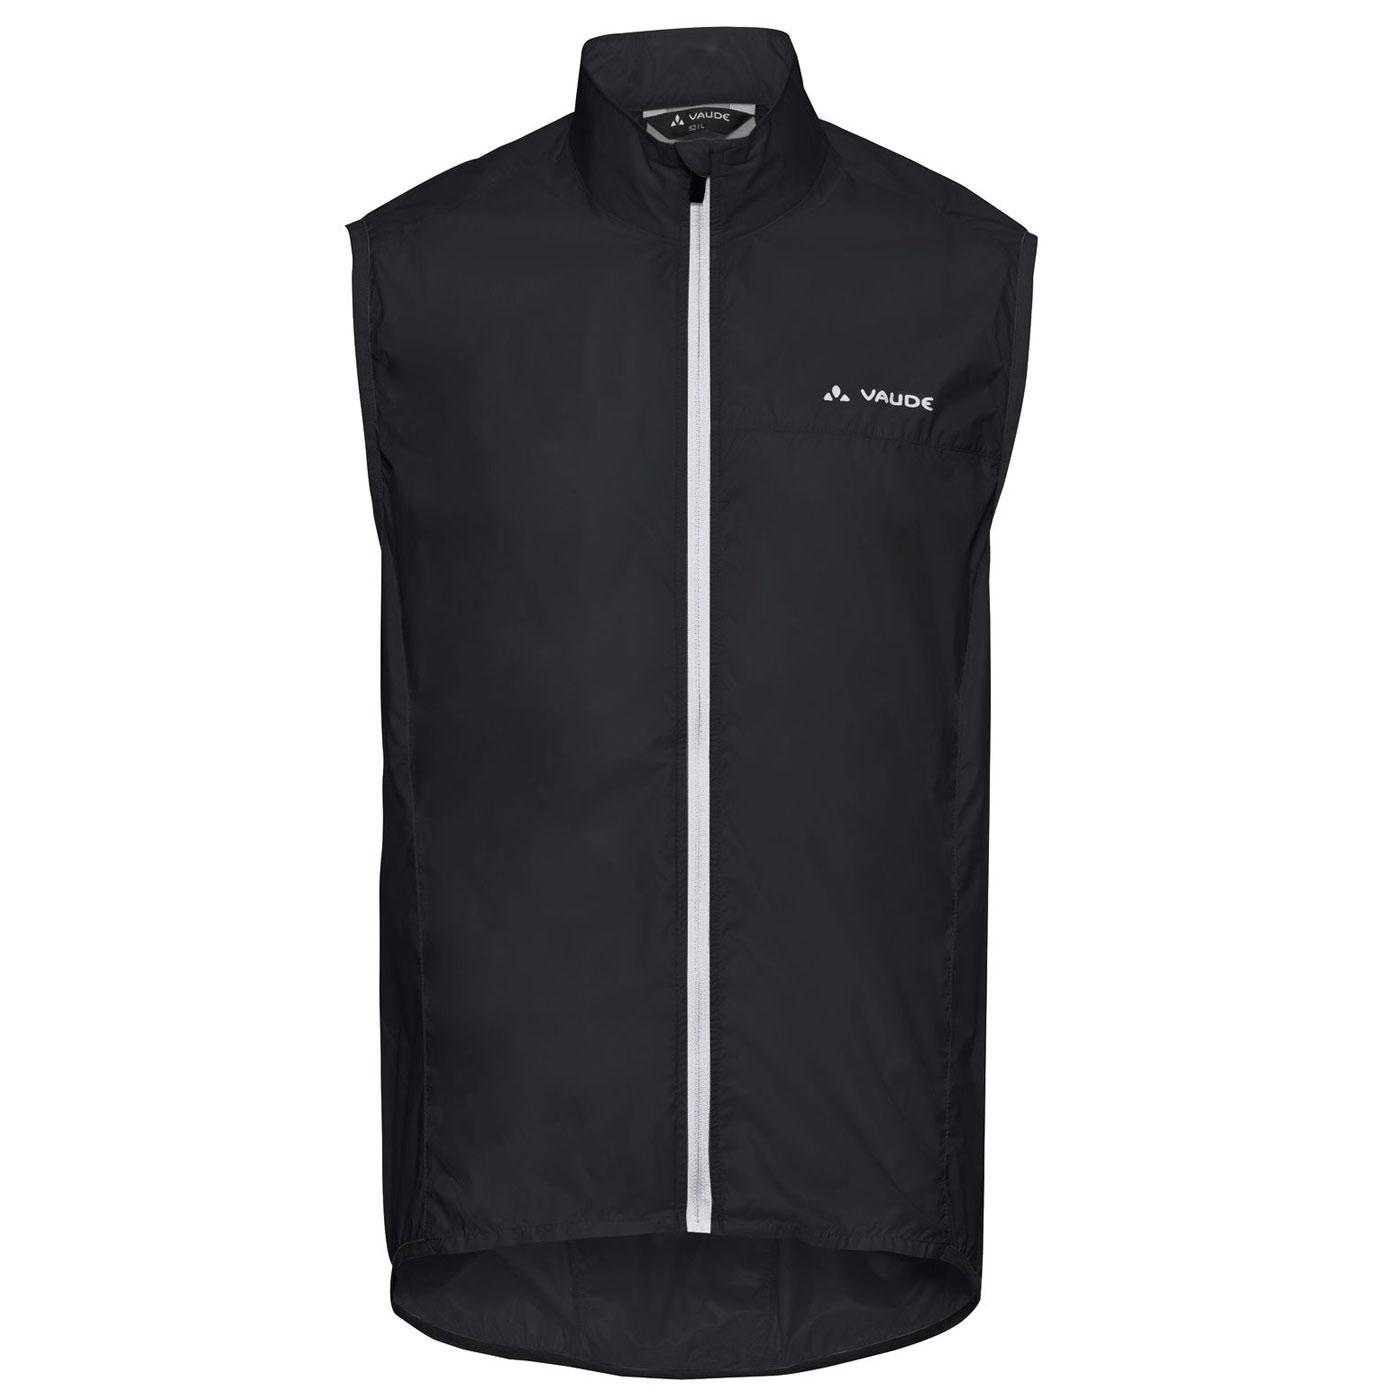 Vaude Men's Air Vest III - black uni